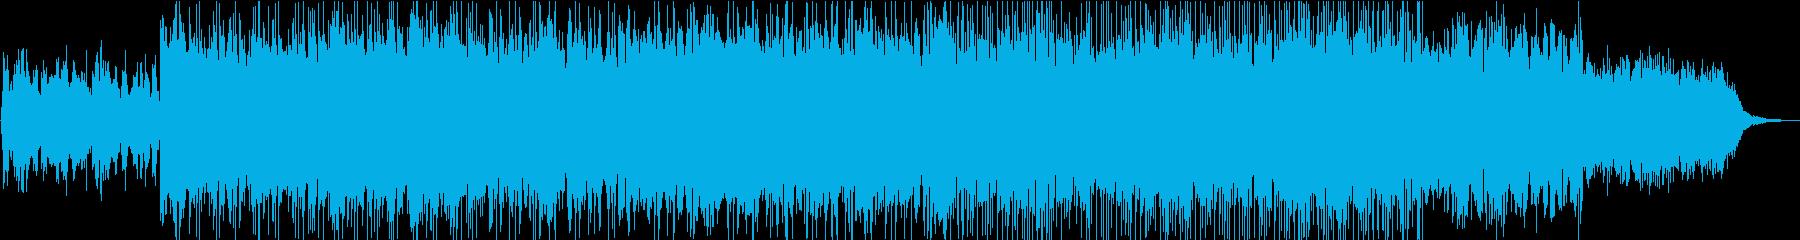 クールダウンに最適な涼し気R&B/チルの再生済みの波形